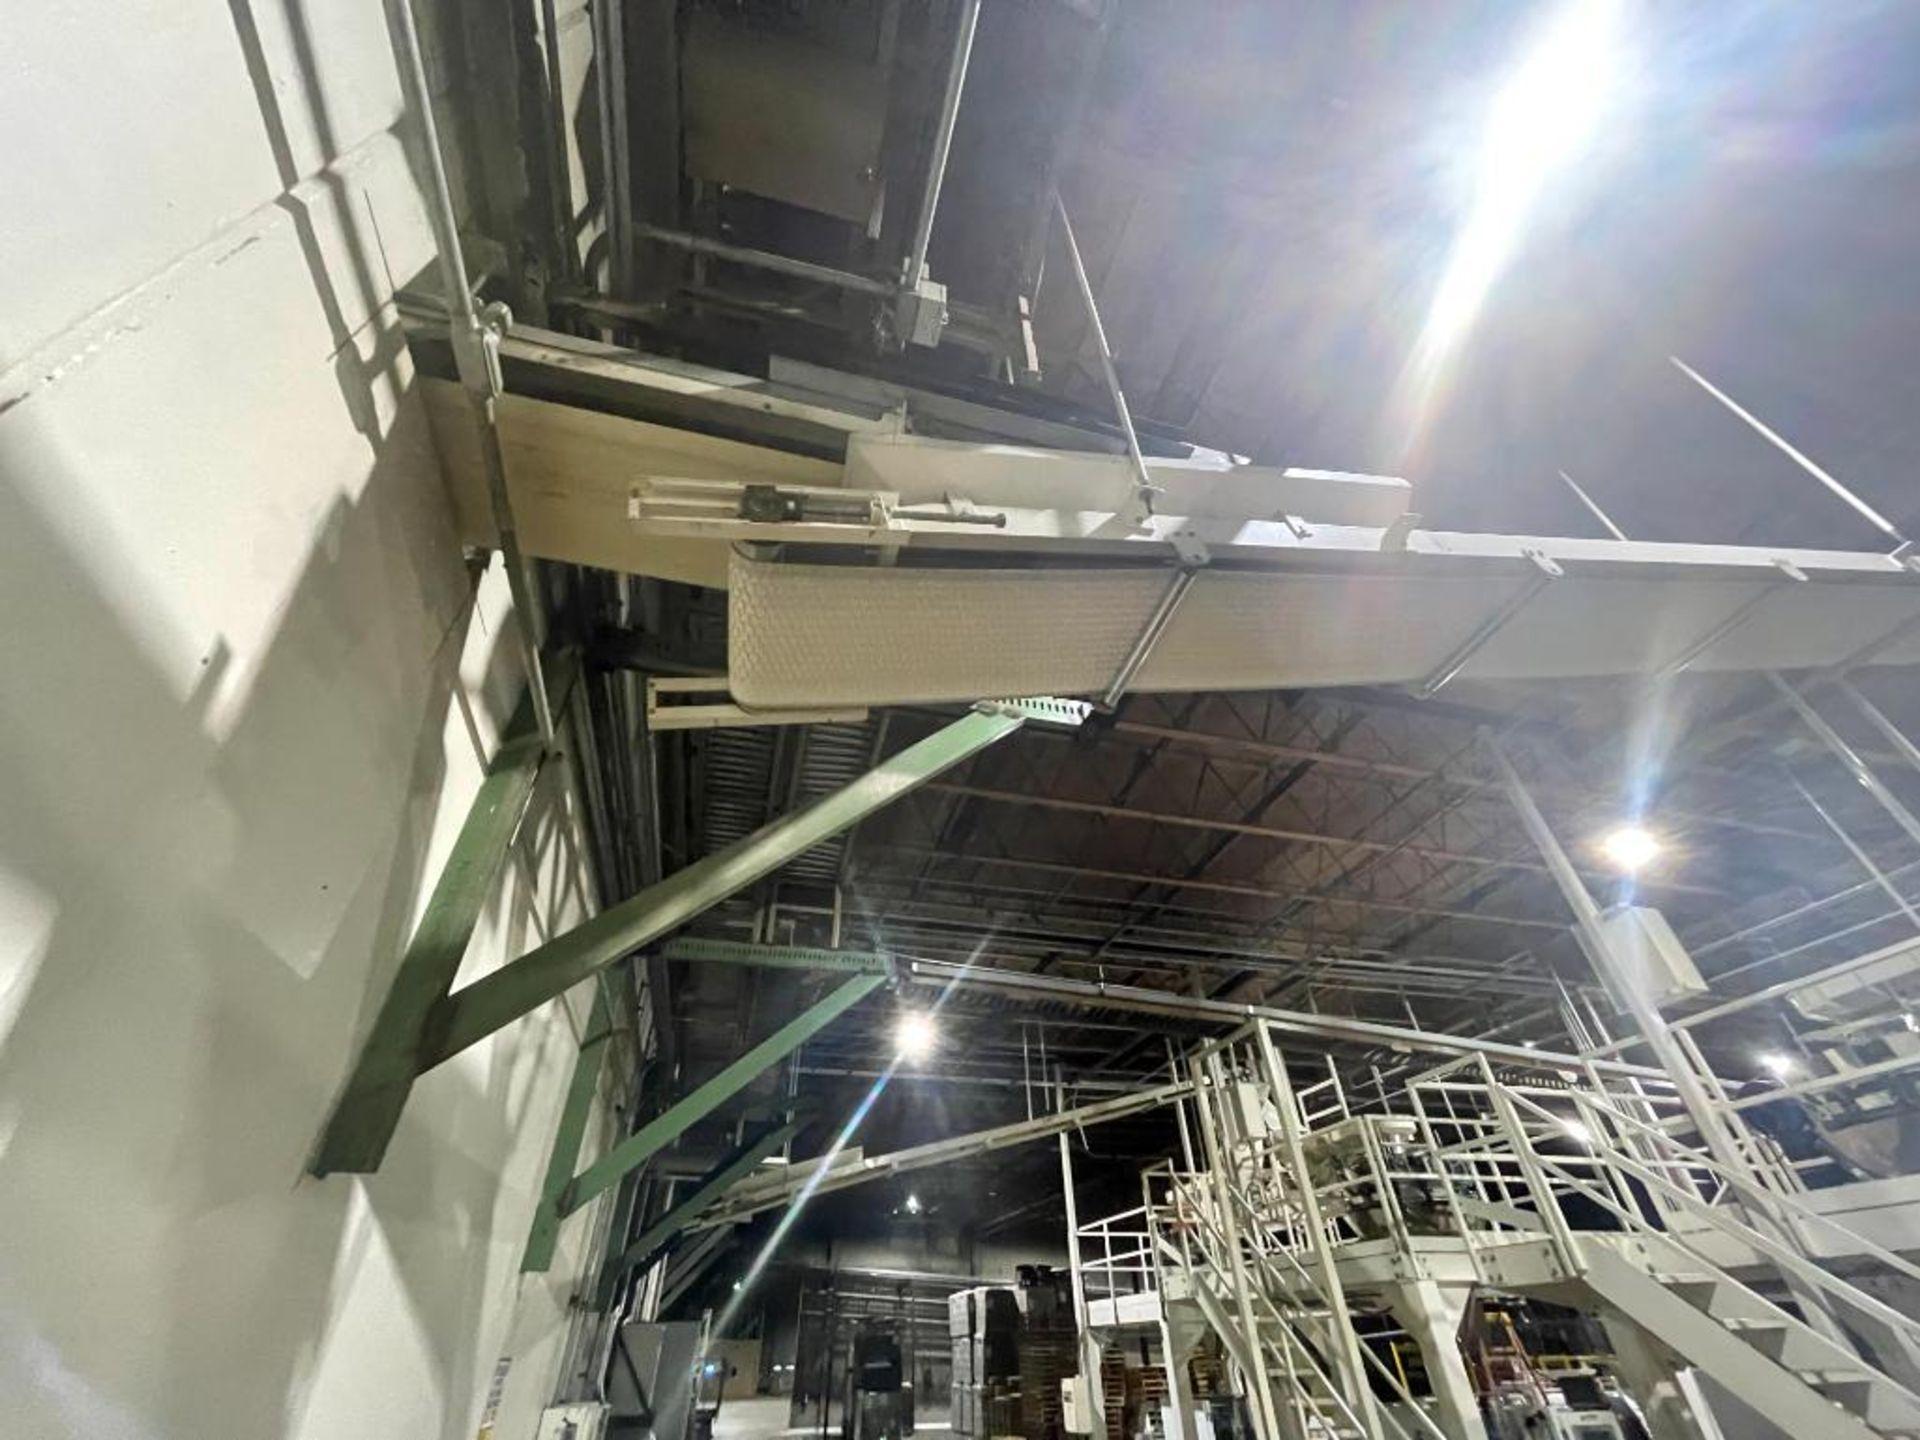 mild steel overhead belt conveyor - Image 2 of 12